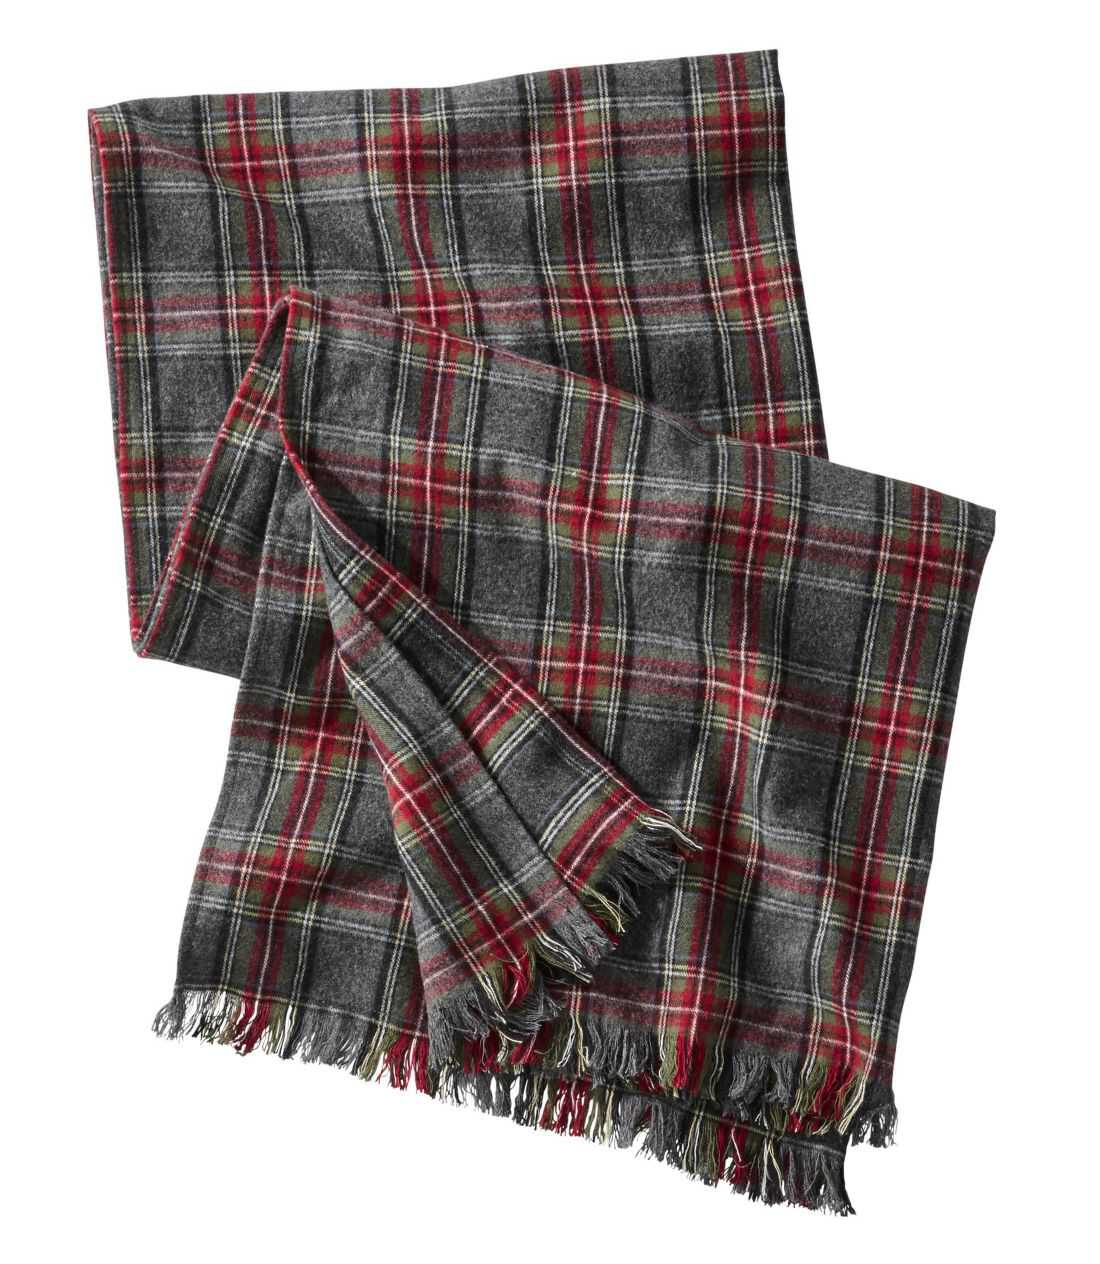 スコッチ・プラッド・スカーフ